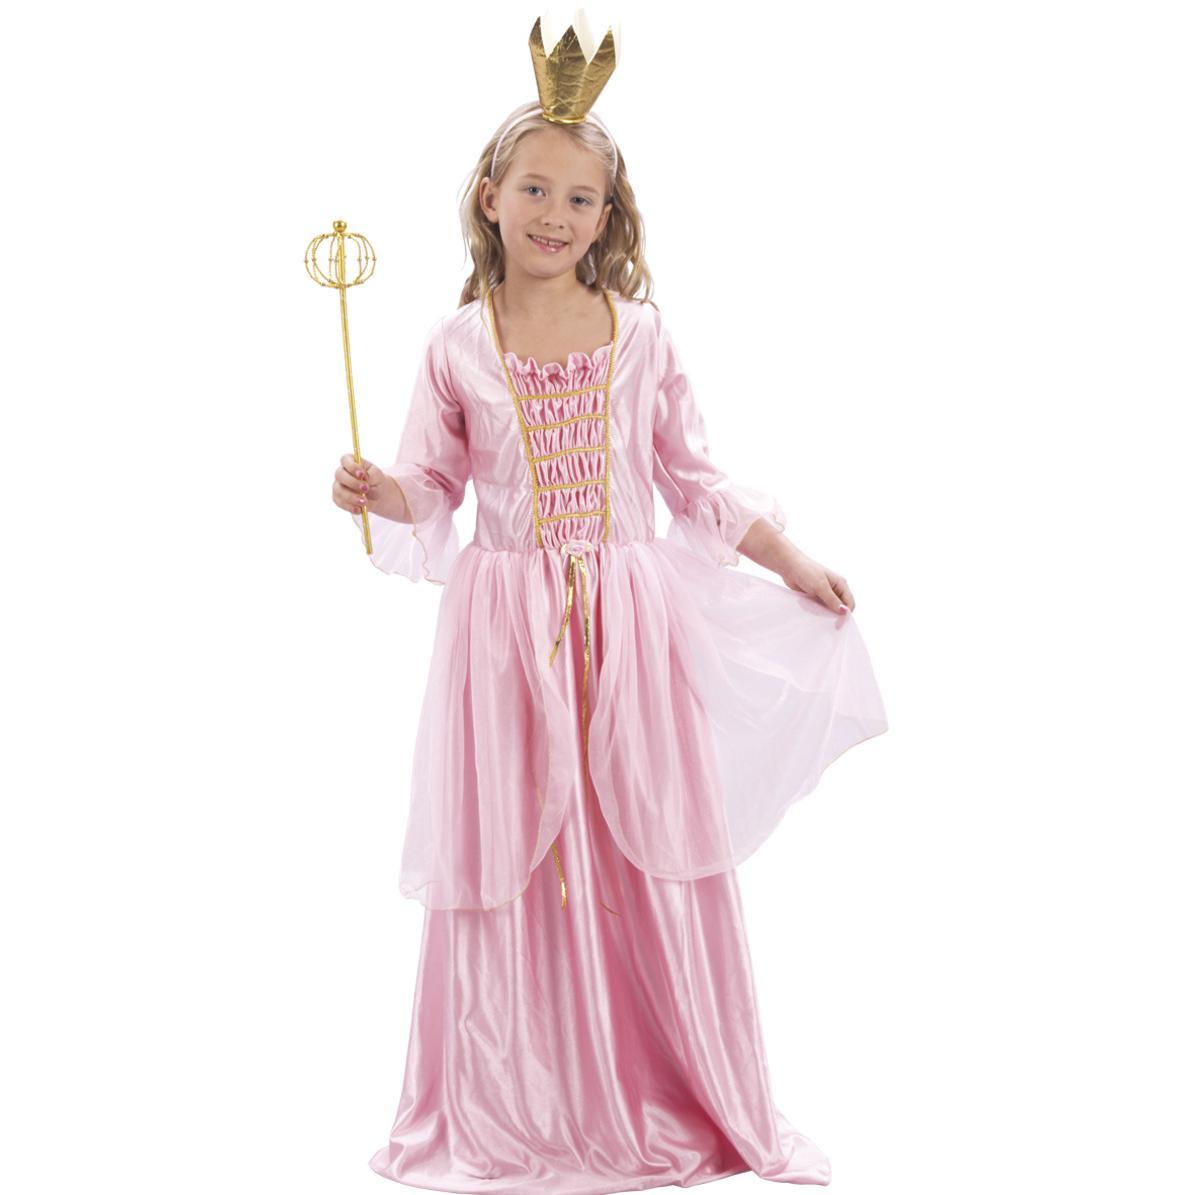 Maskeradkläder Barn - Prinsessa Maskeraddräkt Barn